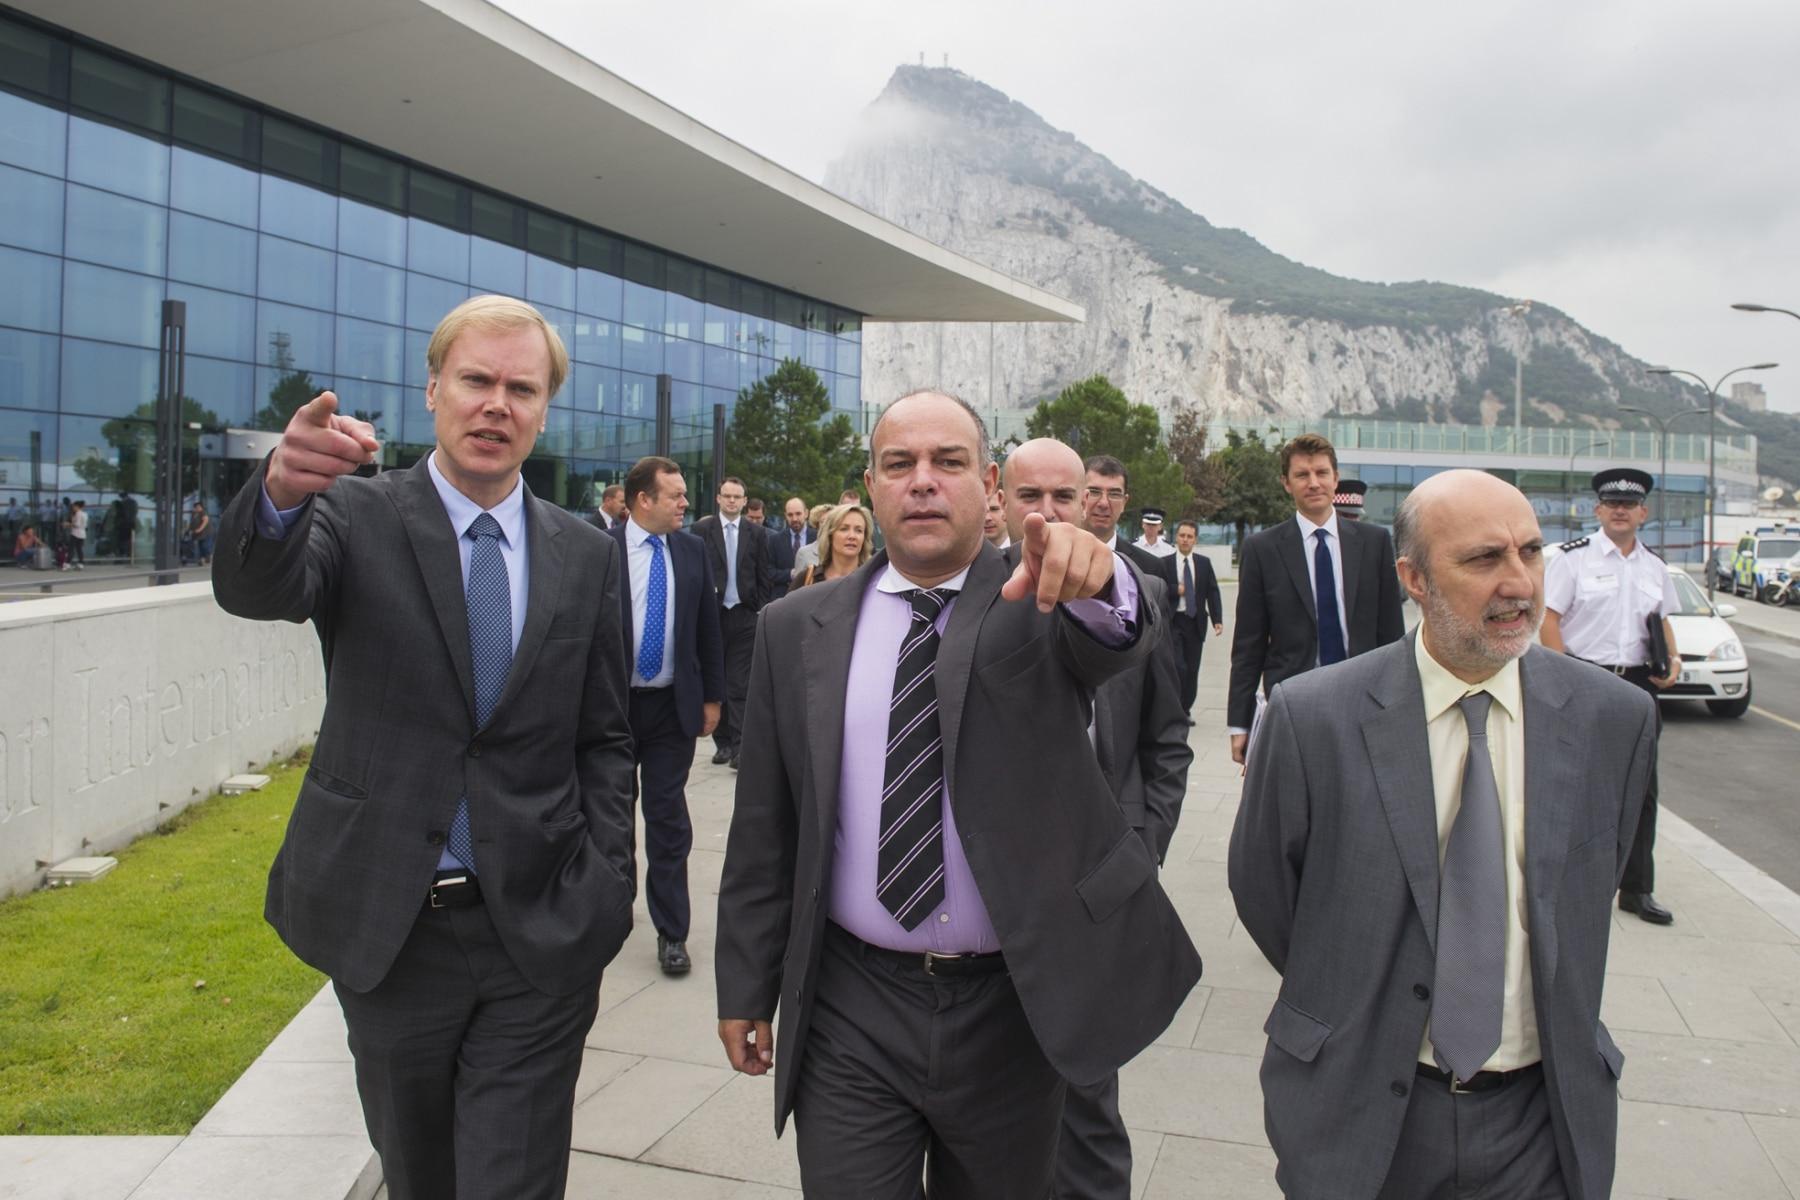 Gibraltar, 25 septiembre 2013. Miembros de la Comisión Europea comentando la situación de la frontera de Gibraltar junto a miembros de la aduana gibraltareña y al abogado del Gobierno de Gibraltar. MARCOS MORENO